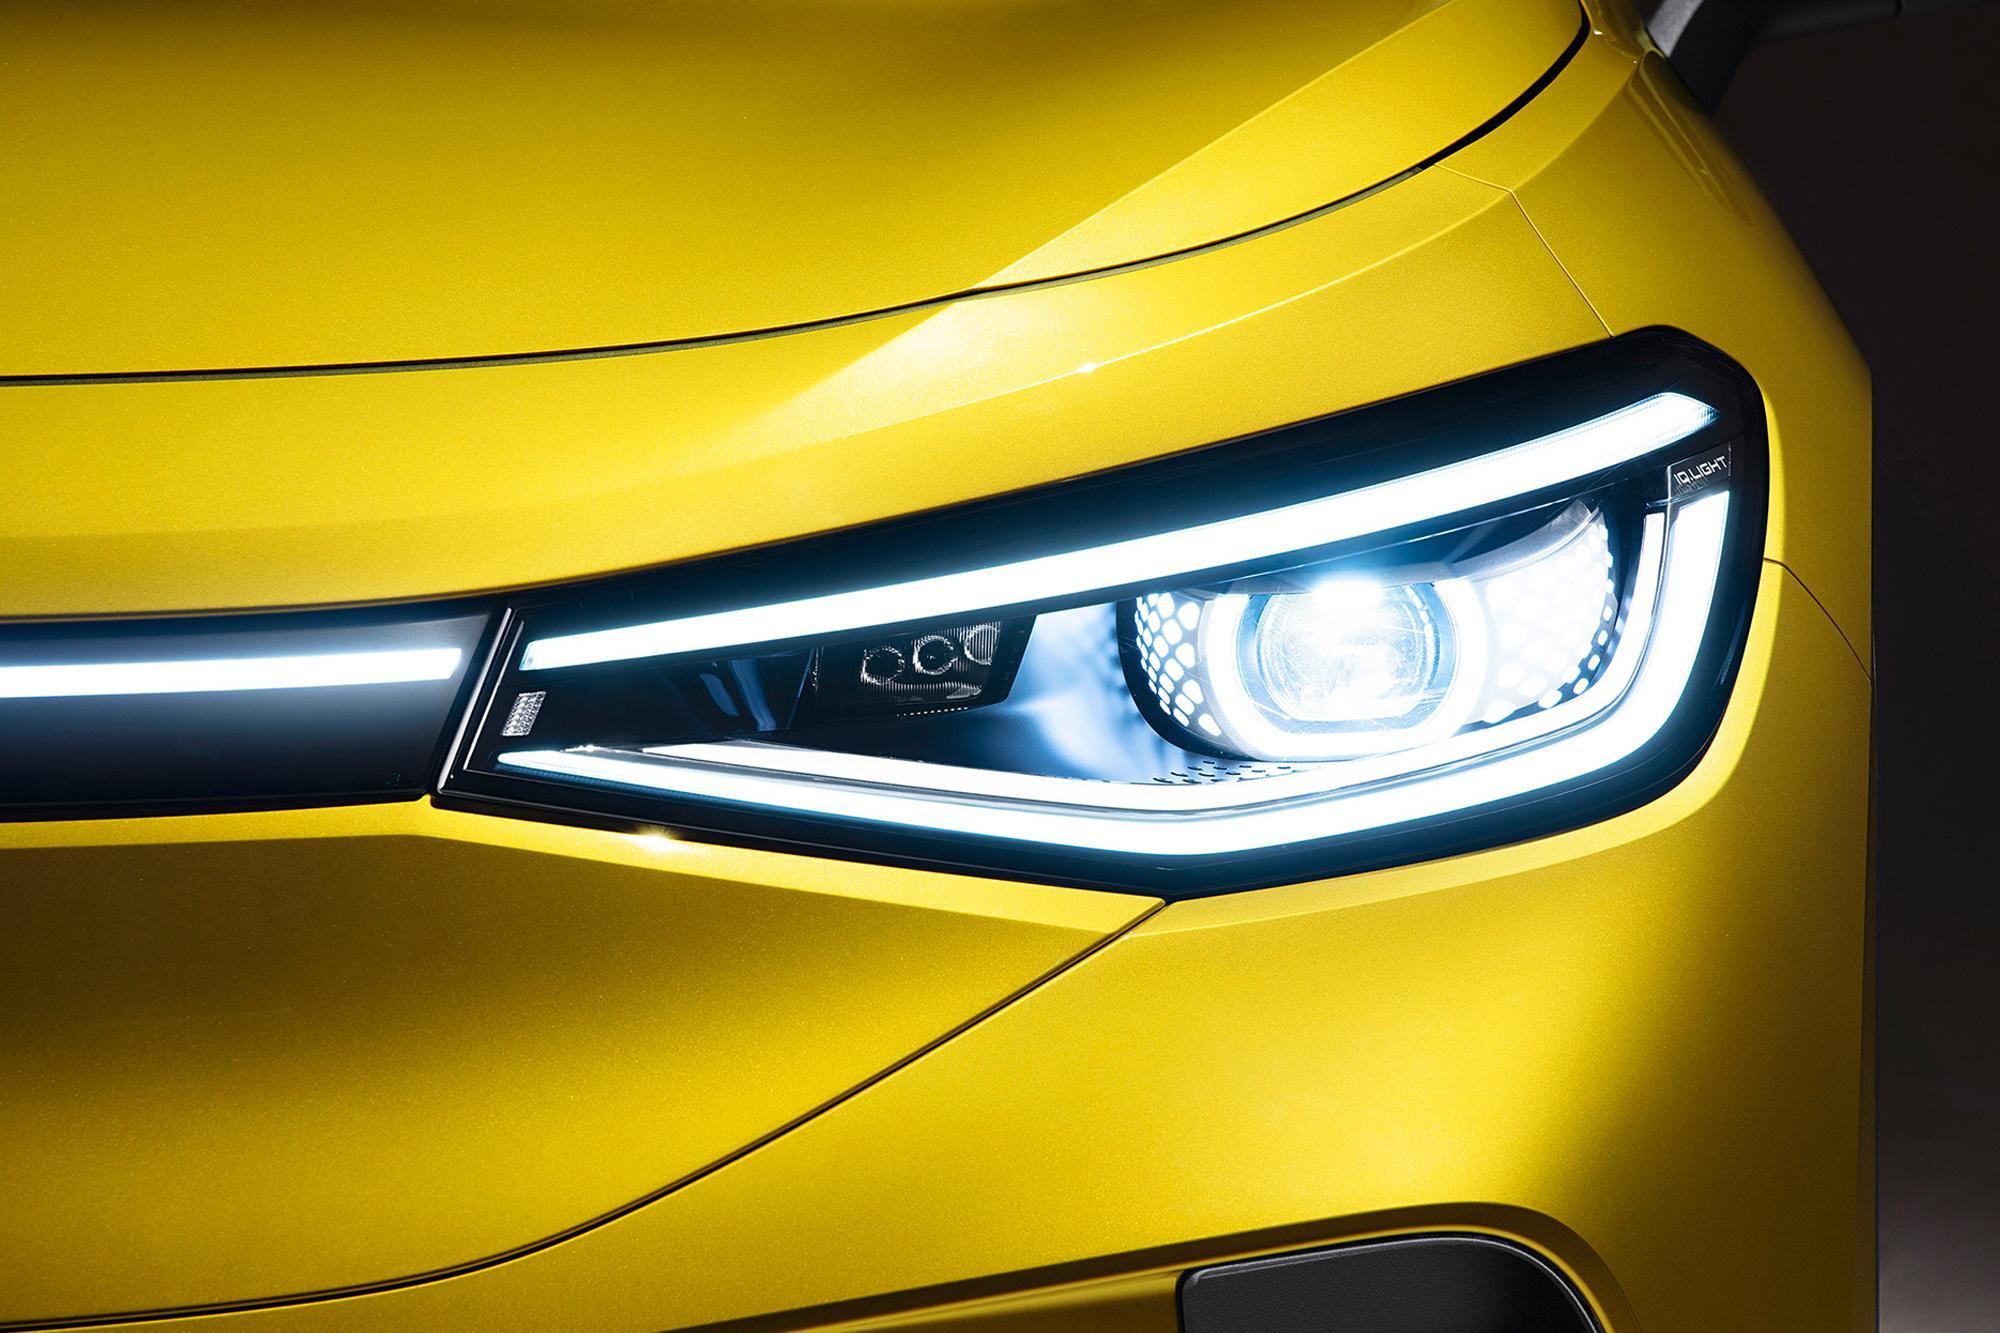 «Το φως είναι το χρώμιο του 21ου αιώνα»: Τα φώτα στα νέα ID.3 και ID.4